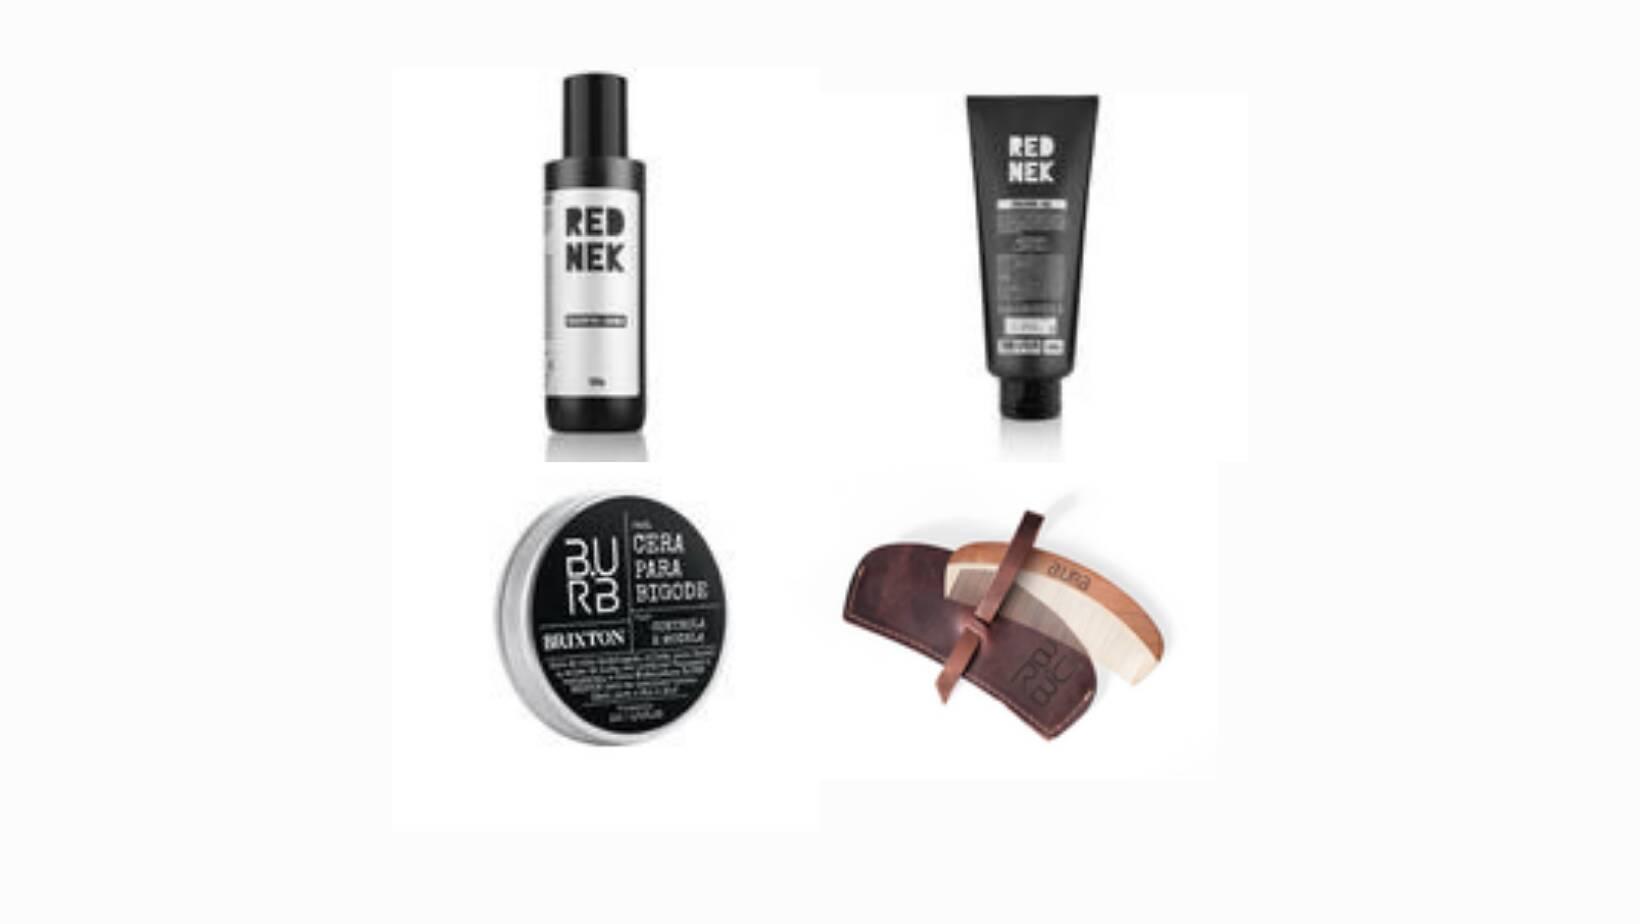 Shampoo para barba Rednek, R$ 30. Gel para barbear Rednek, R$ 40. Cera para bigode Brixton, R$ 30. Pente de madeira Astoria, R$ 45.. Foto: Divulgação